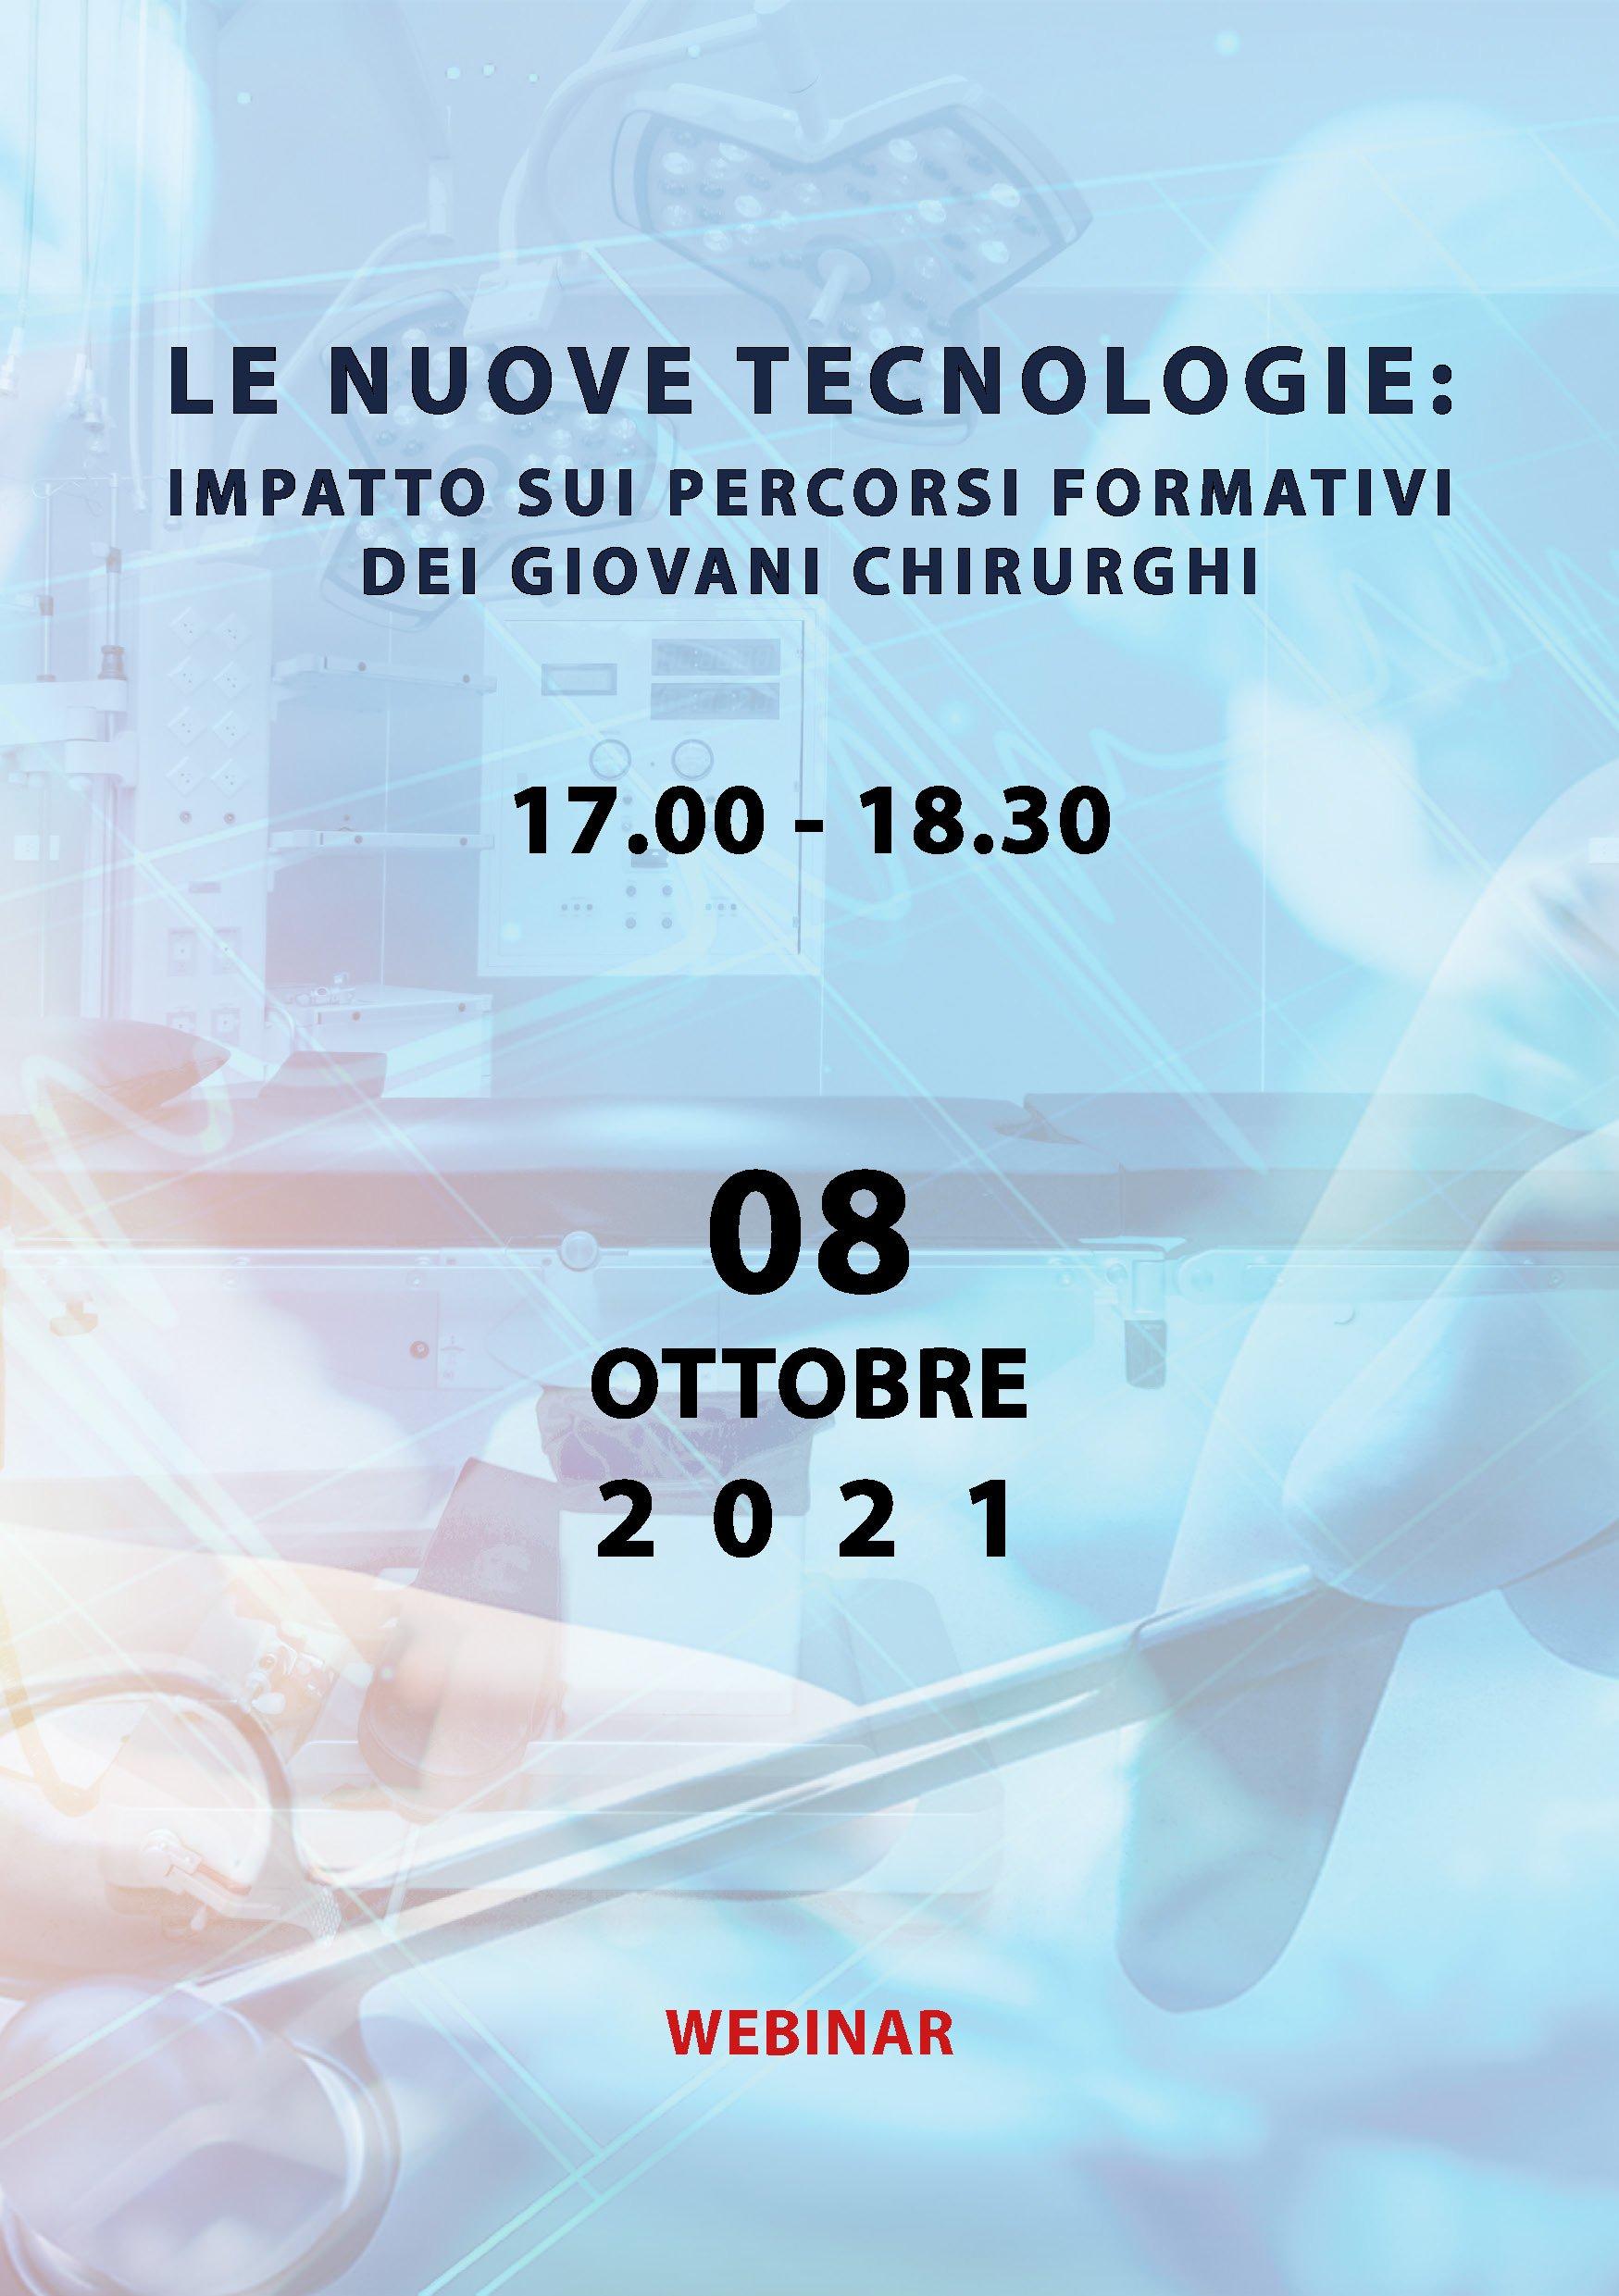 Le nuove tecnologie: Impatto sui percorsi formativi dei giovani chirurghi | Webinar